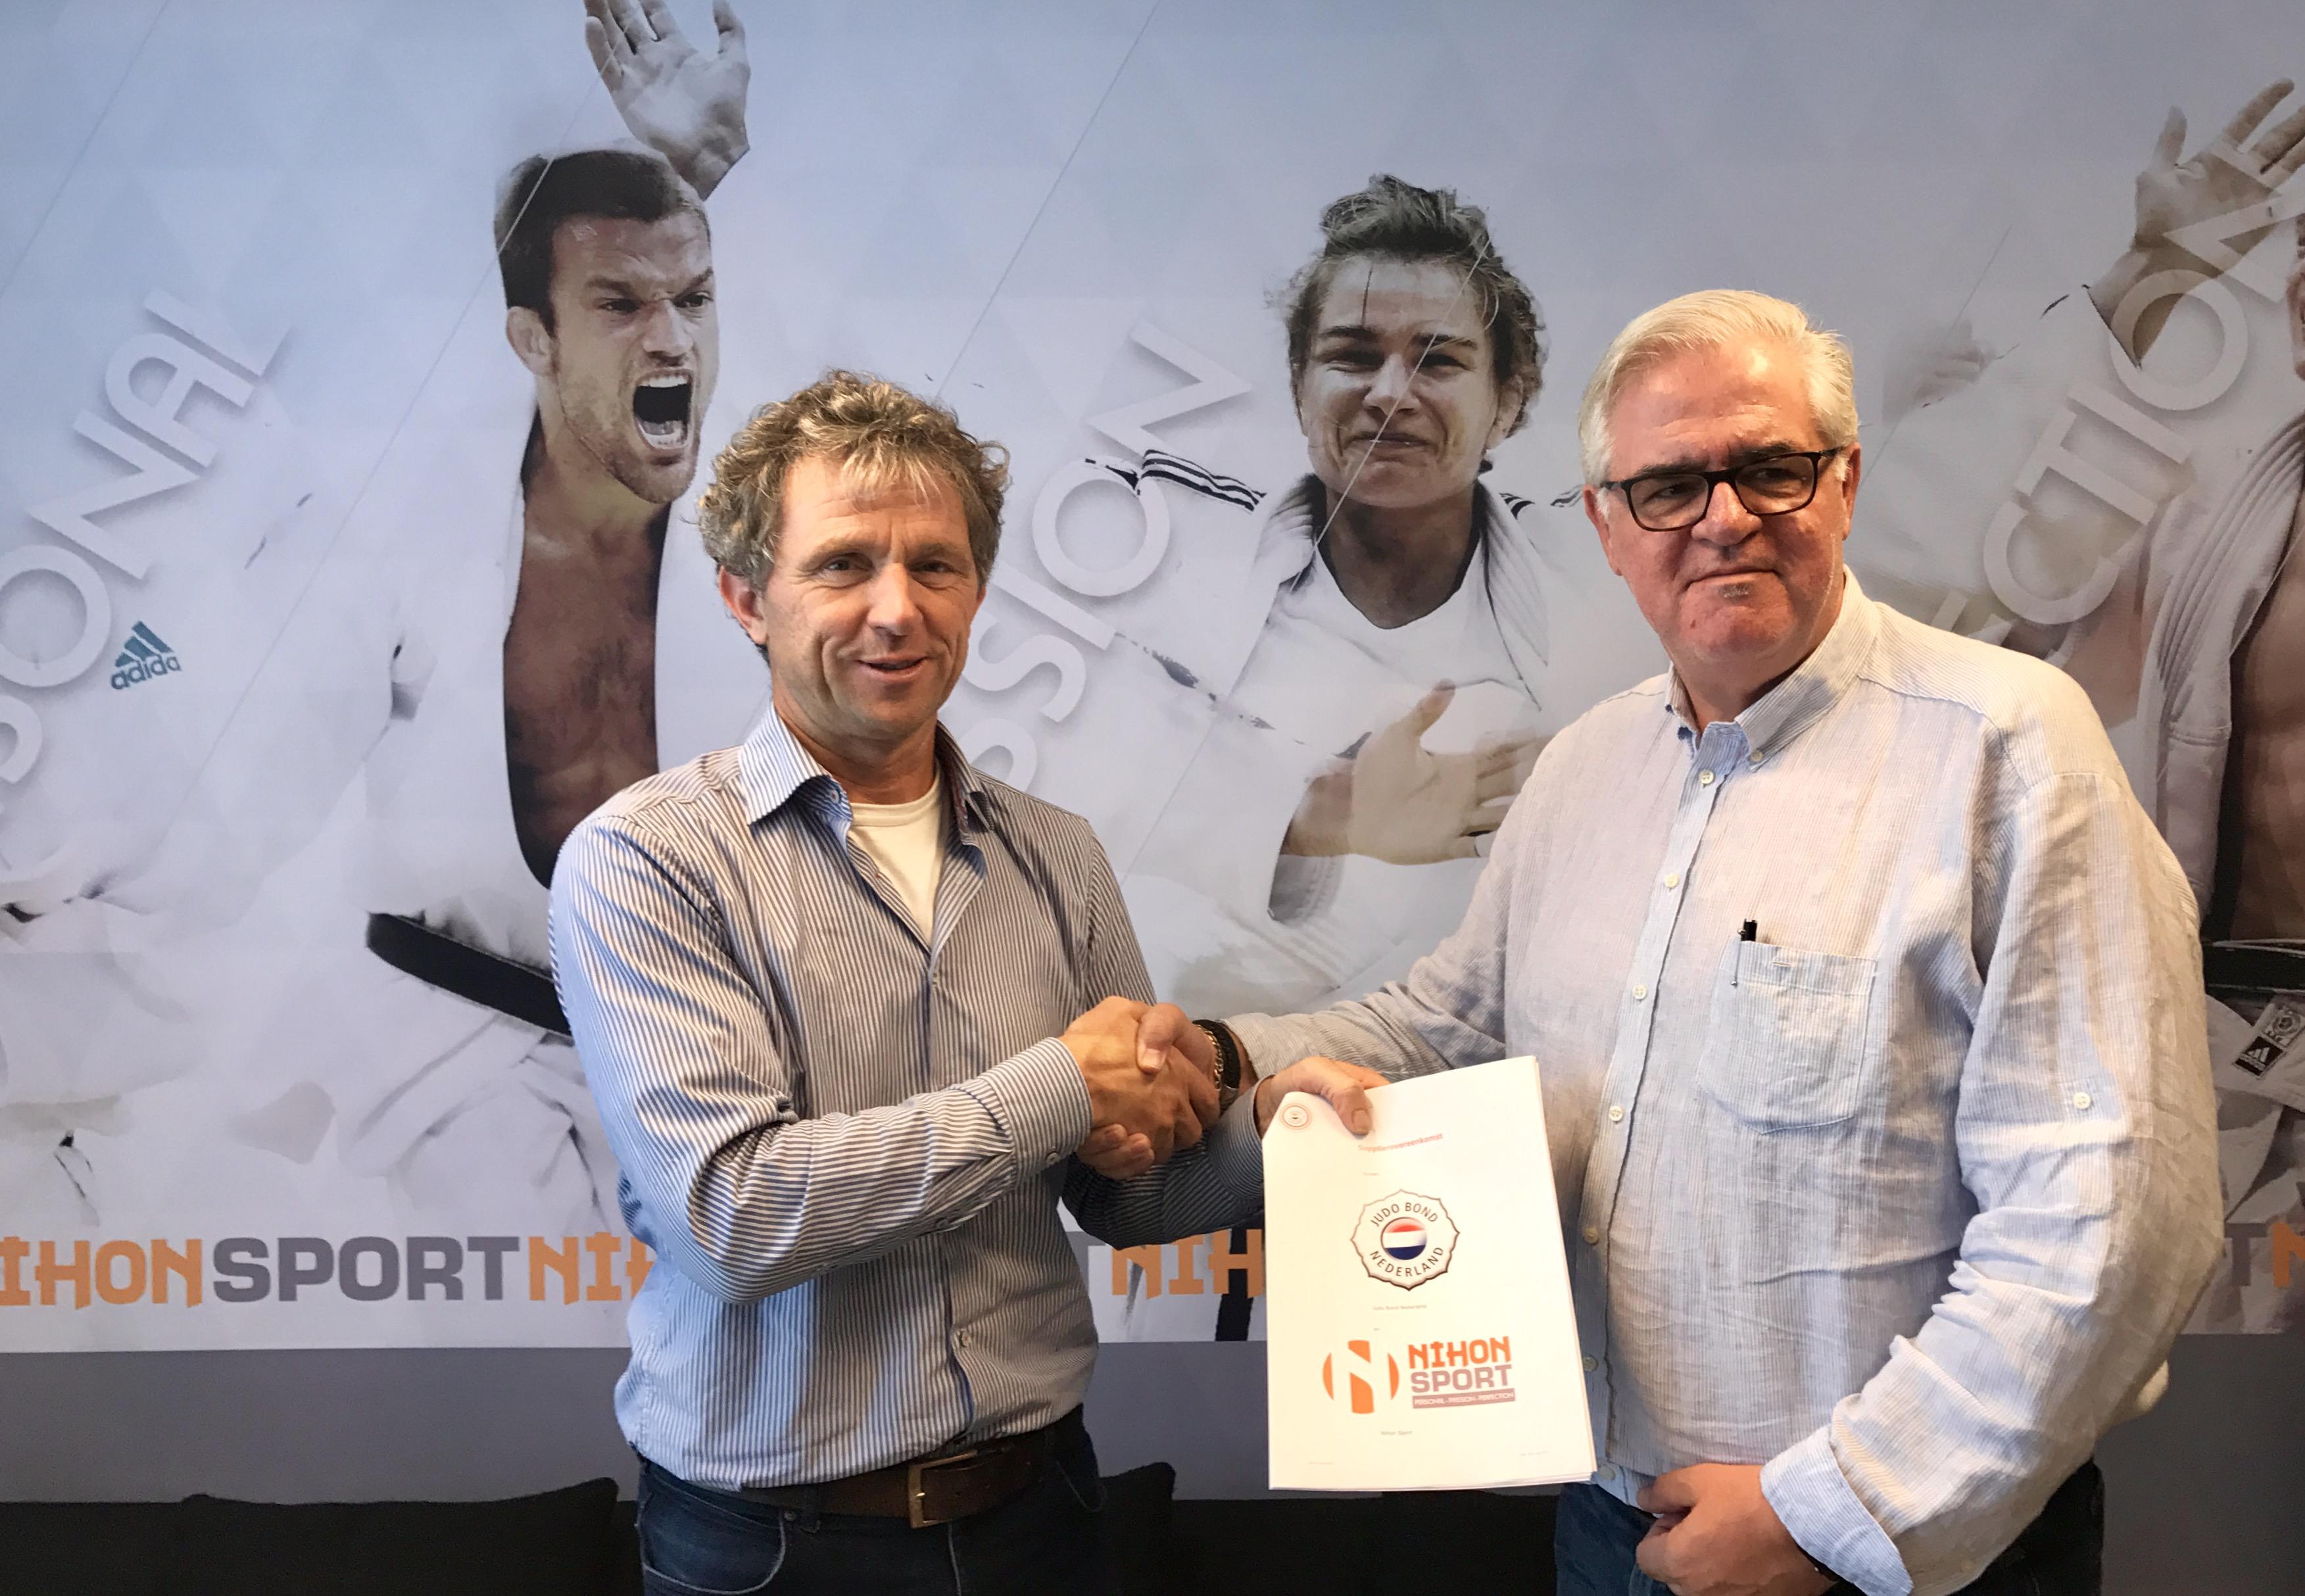 JBN en Nihon Sport ondertekenen overeenkoms